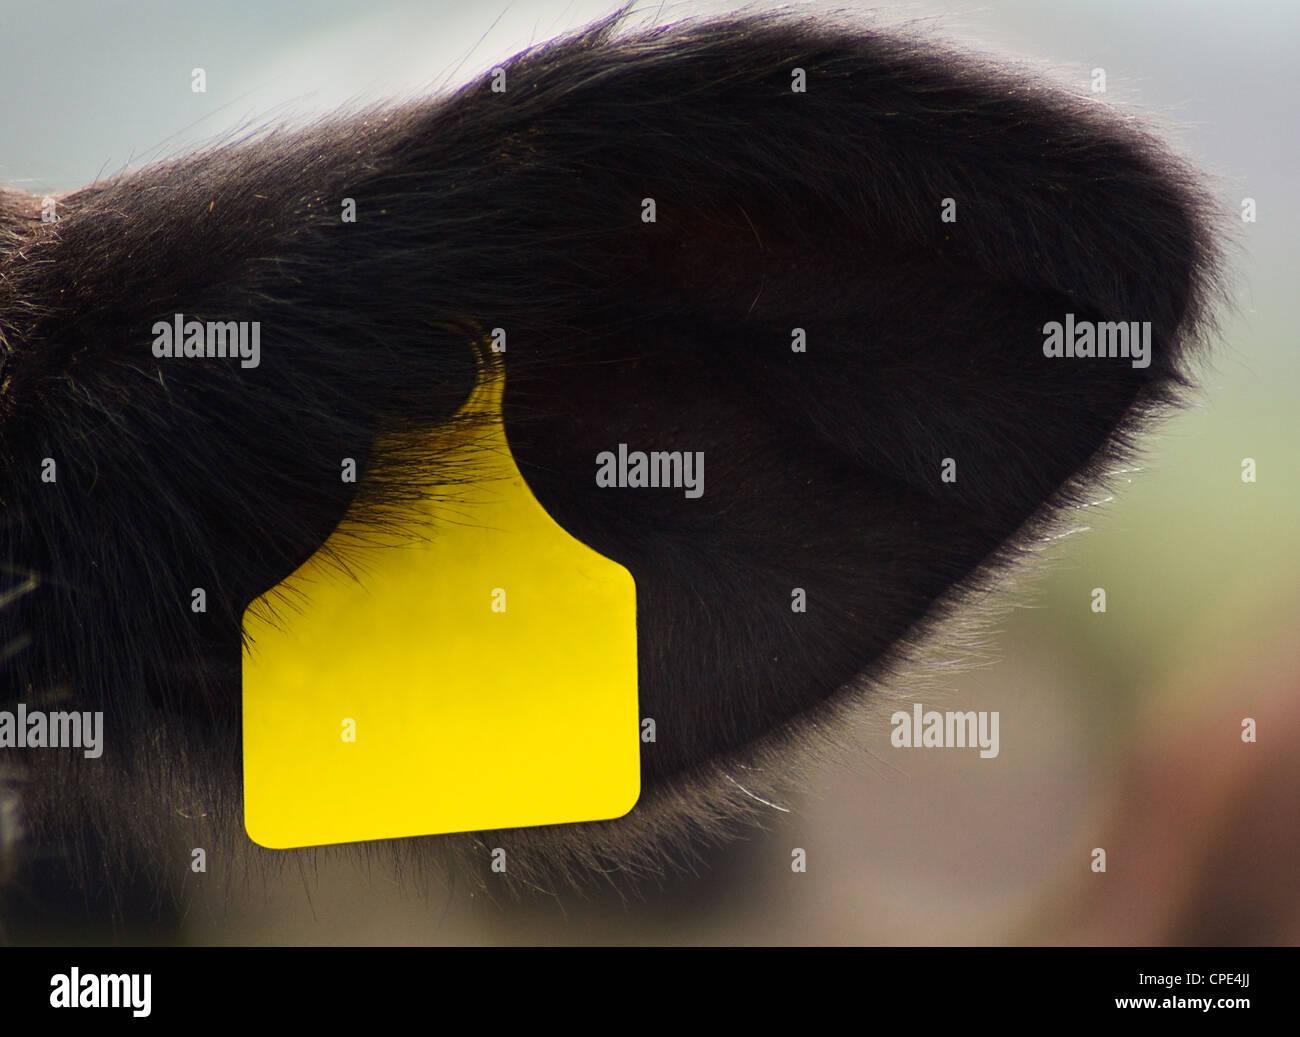 Kuh-Erkennungsmarke im Ohr mit Platz für text Stockbild